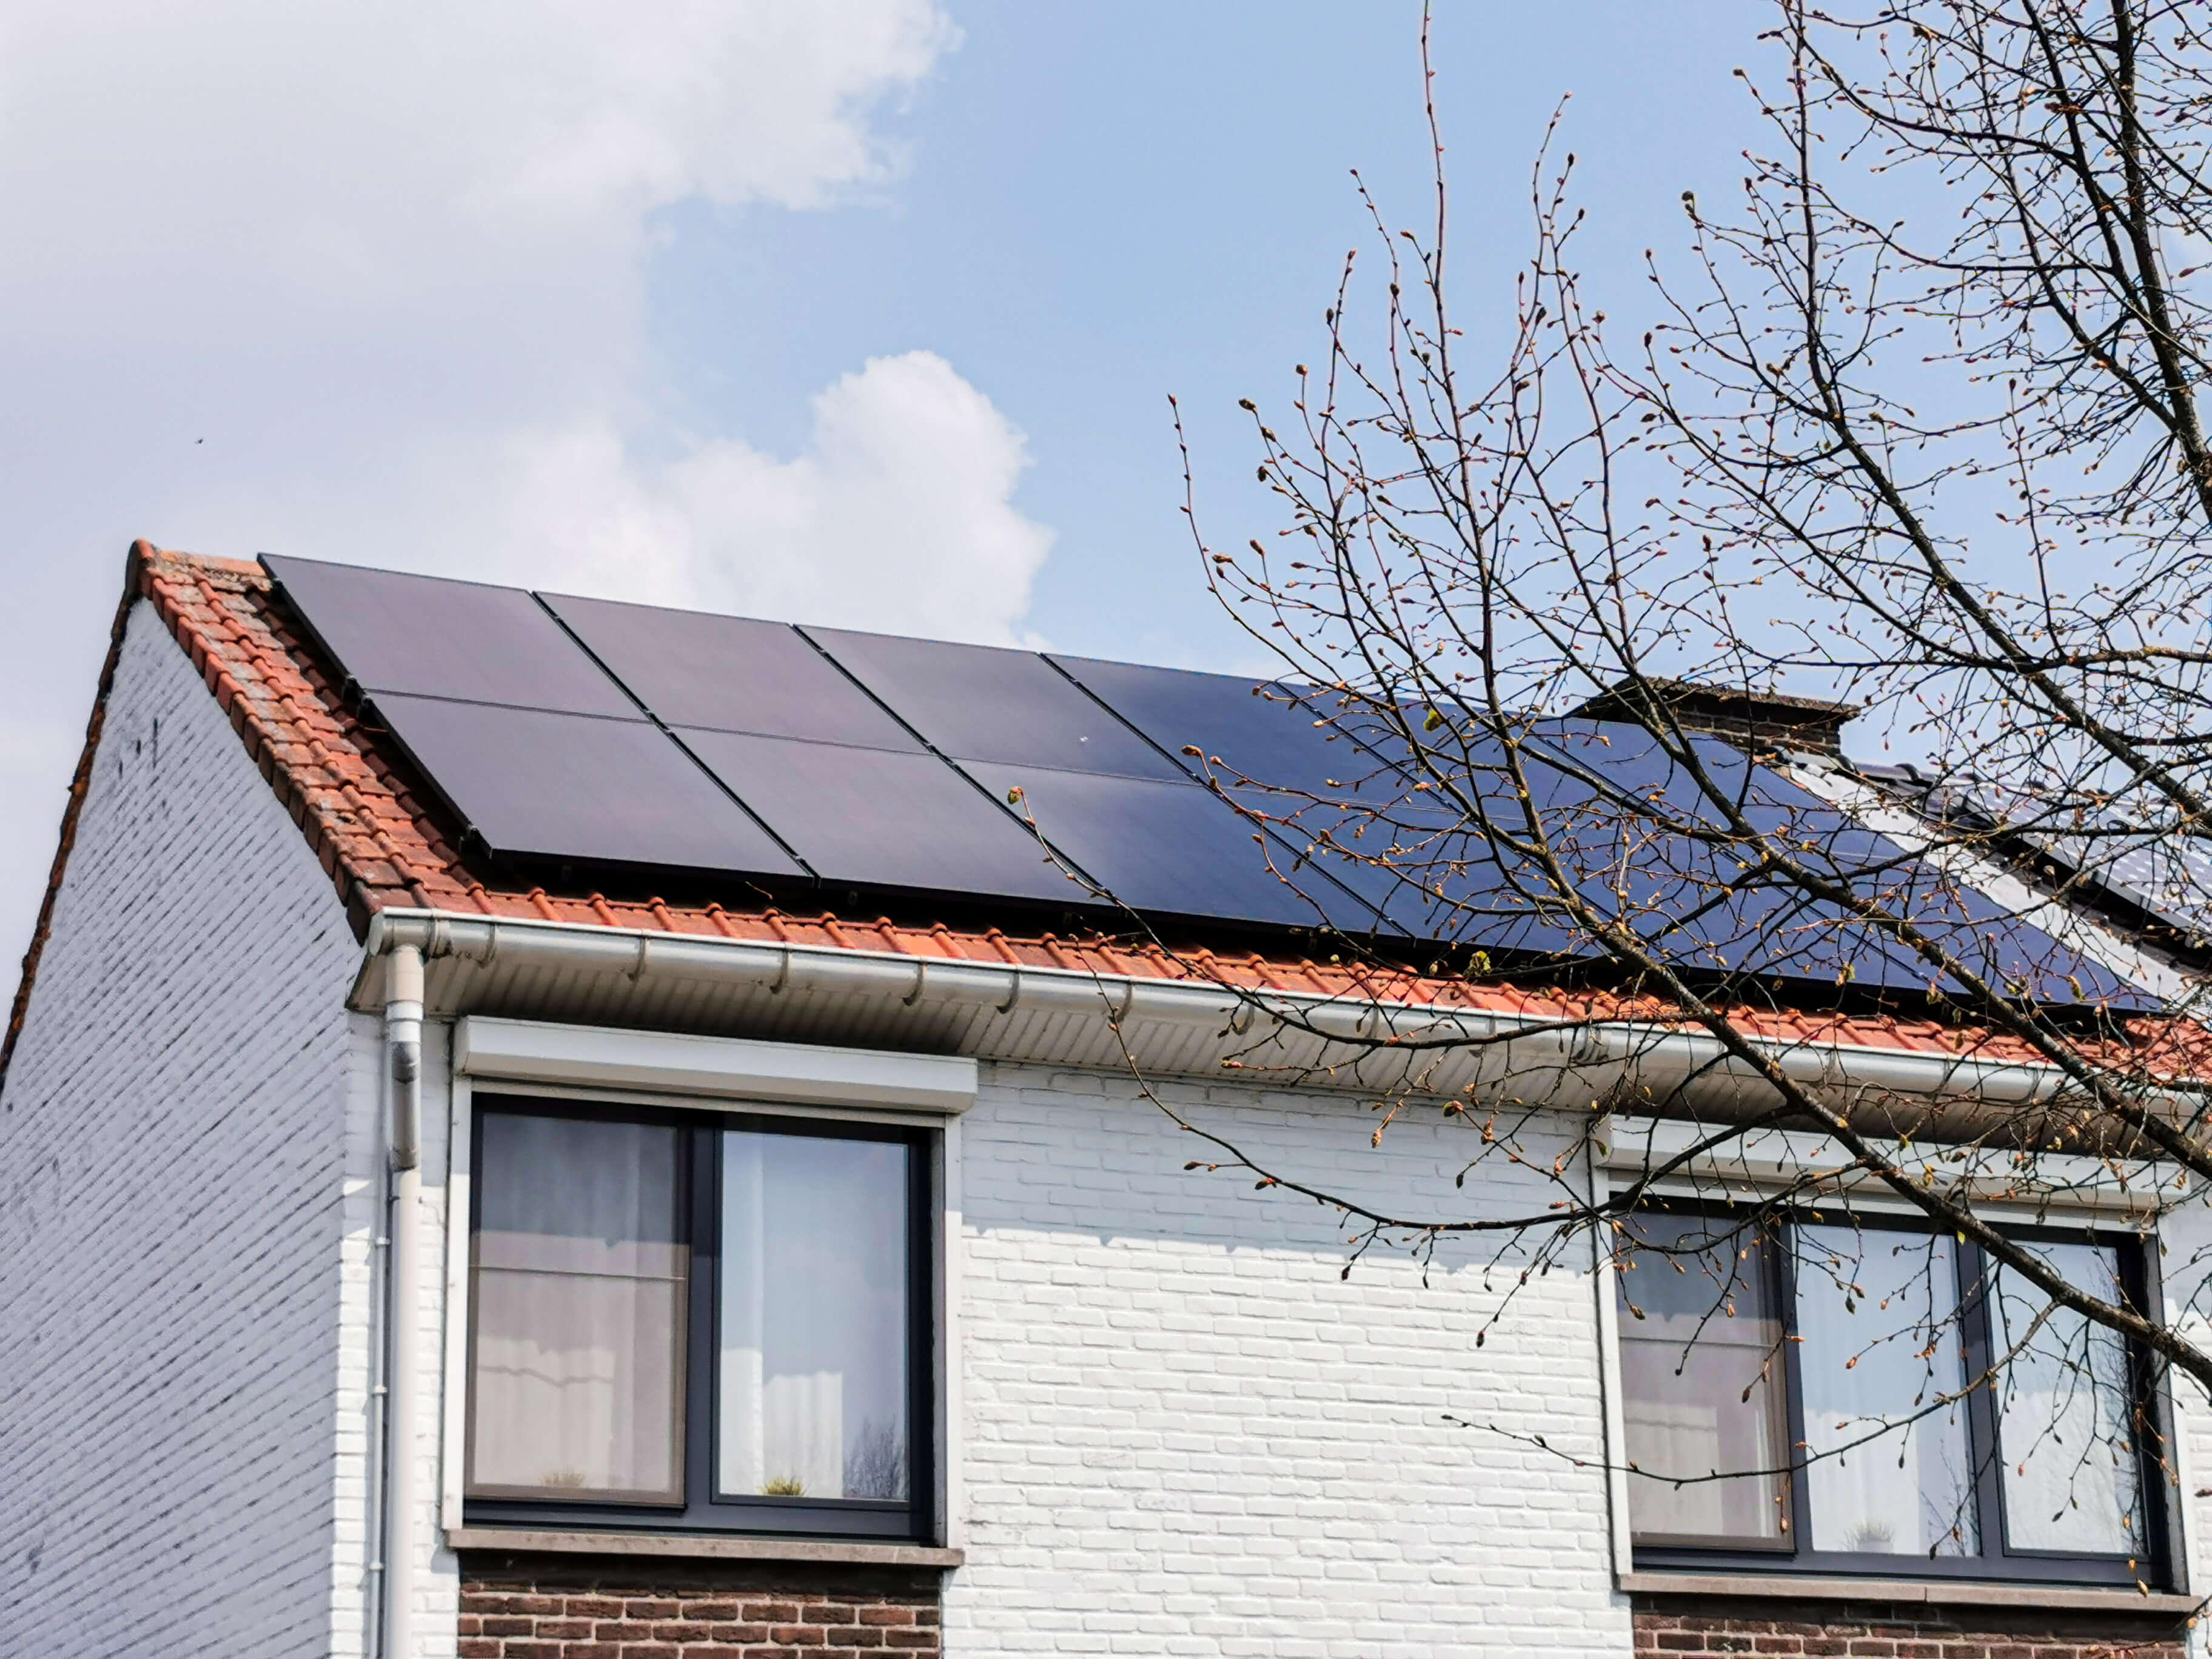 Zonnepanelen op het dak van een wit geverfde woning in het waasland.